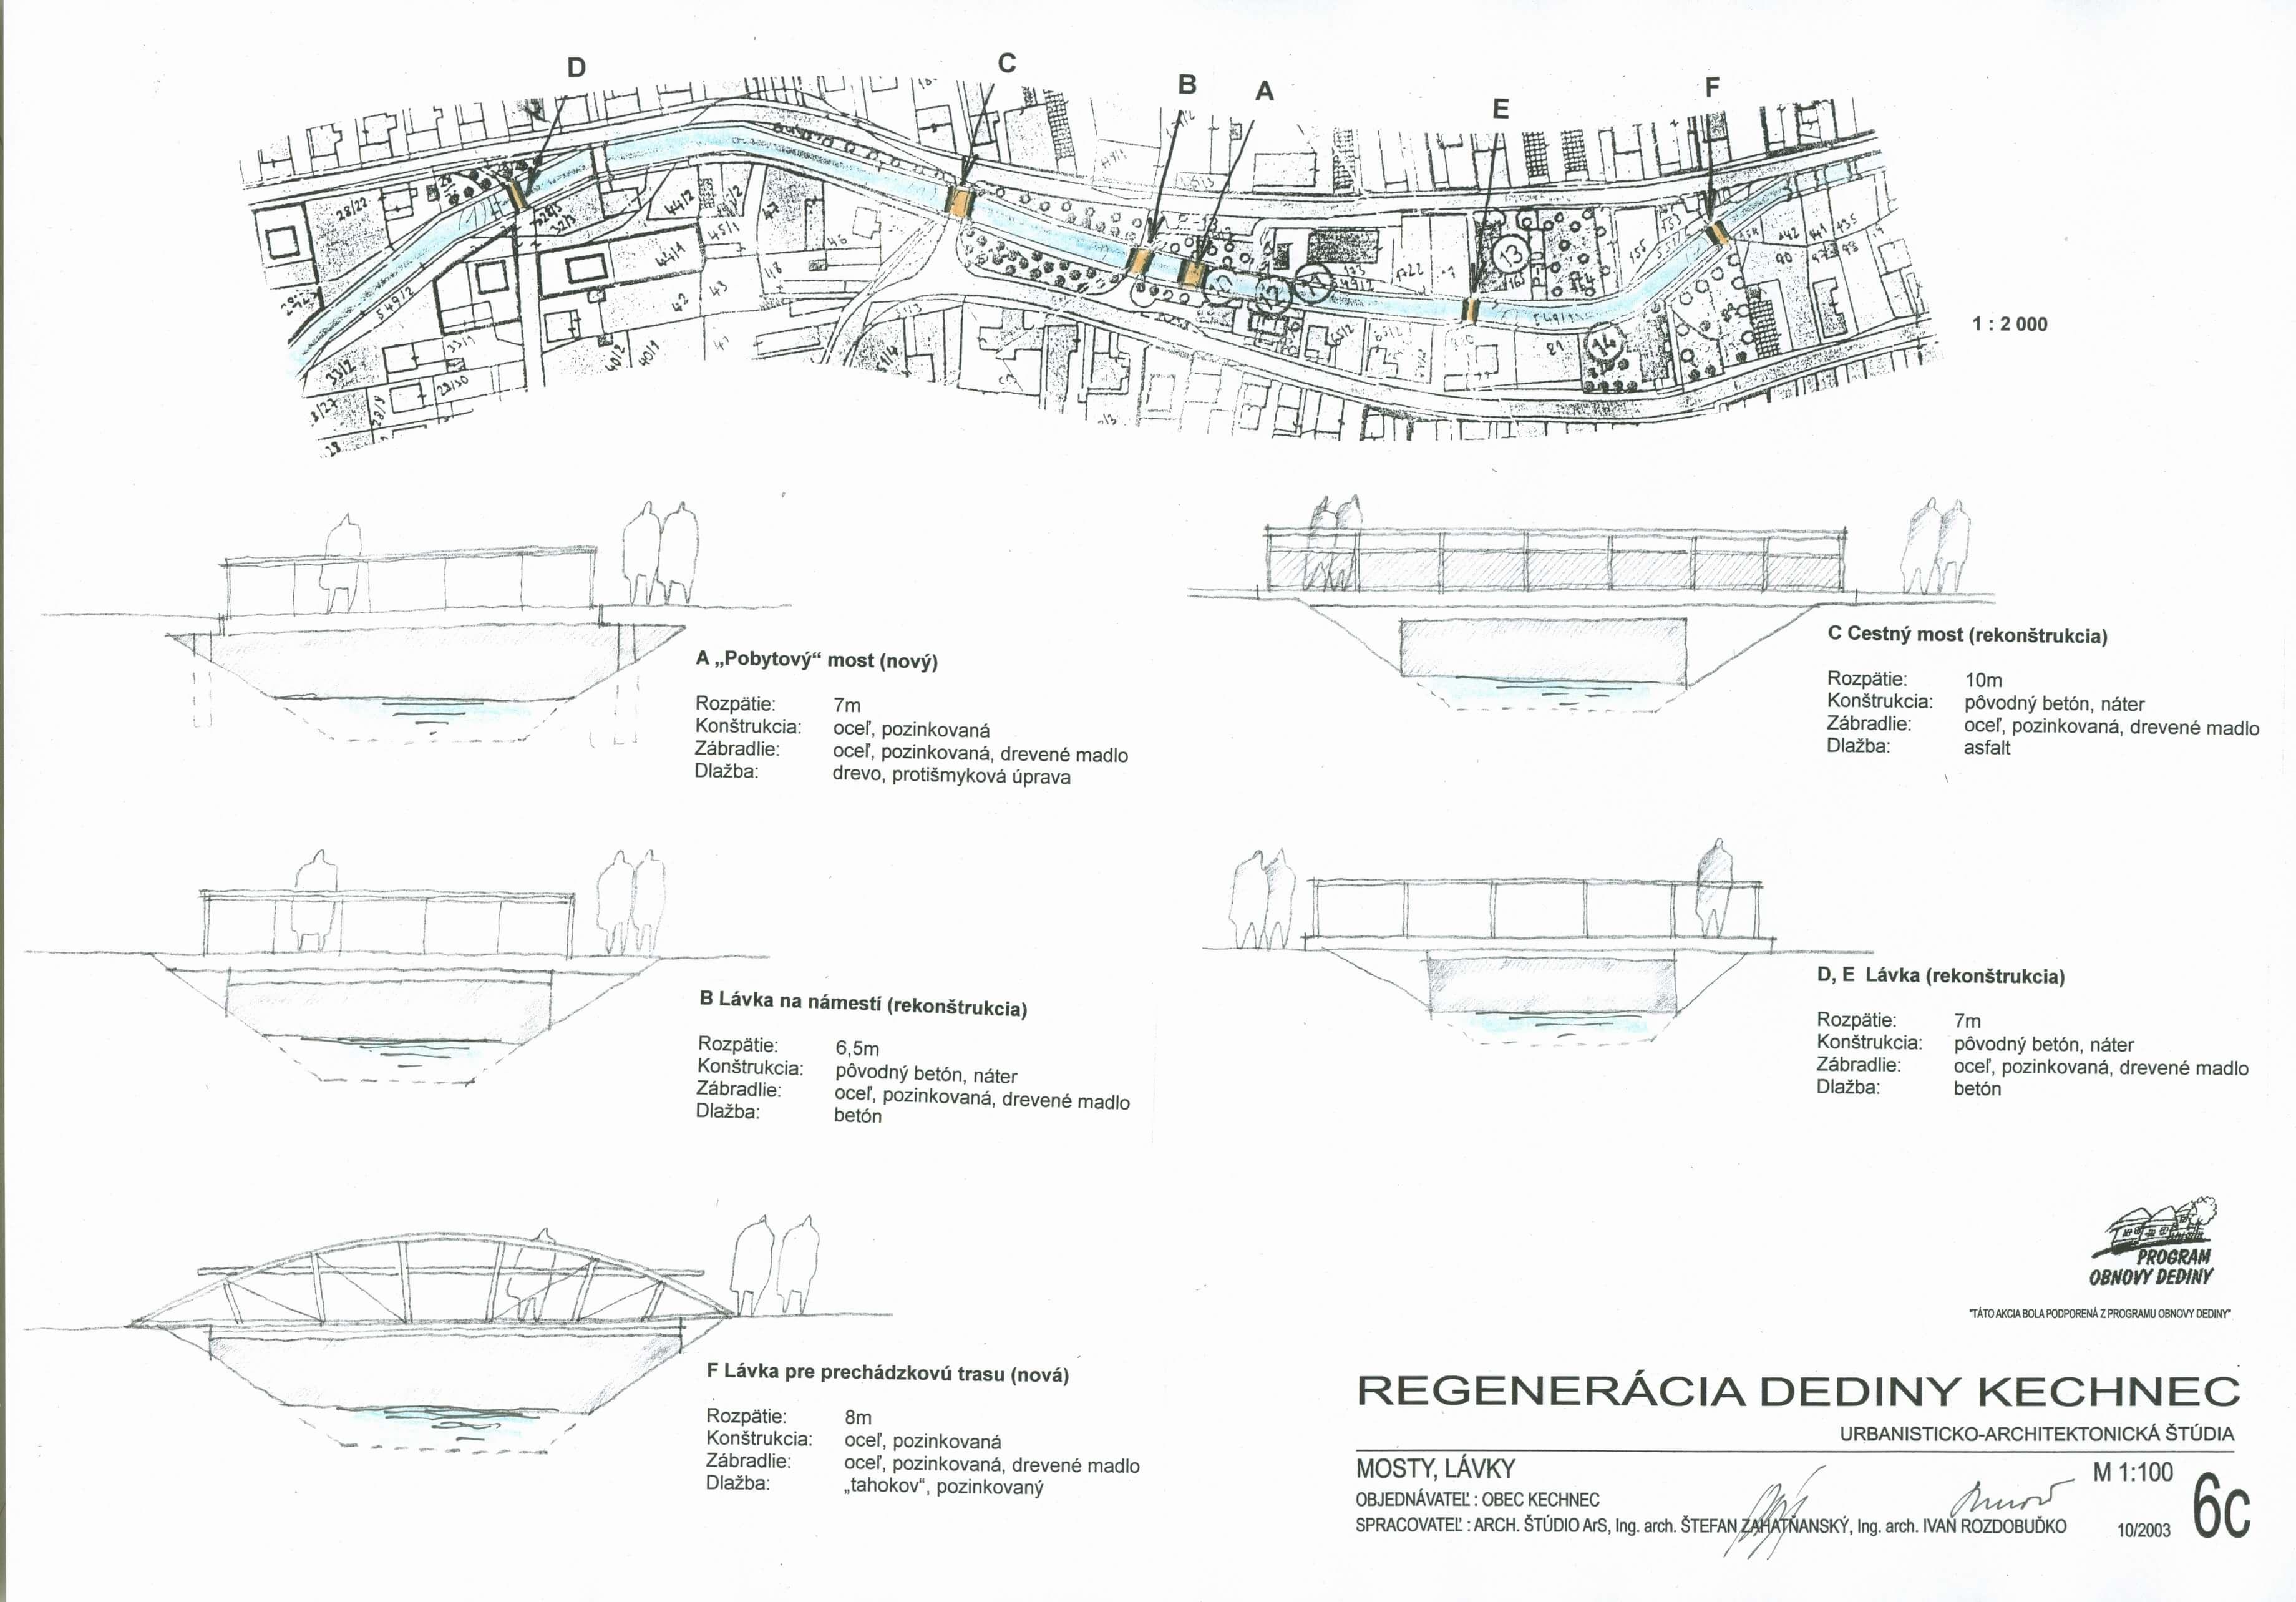 Bridges, footbridges